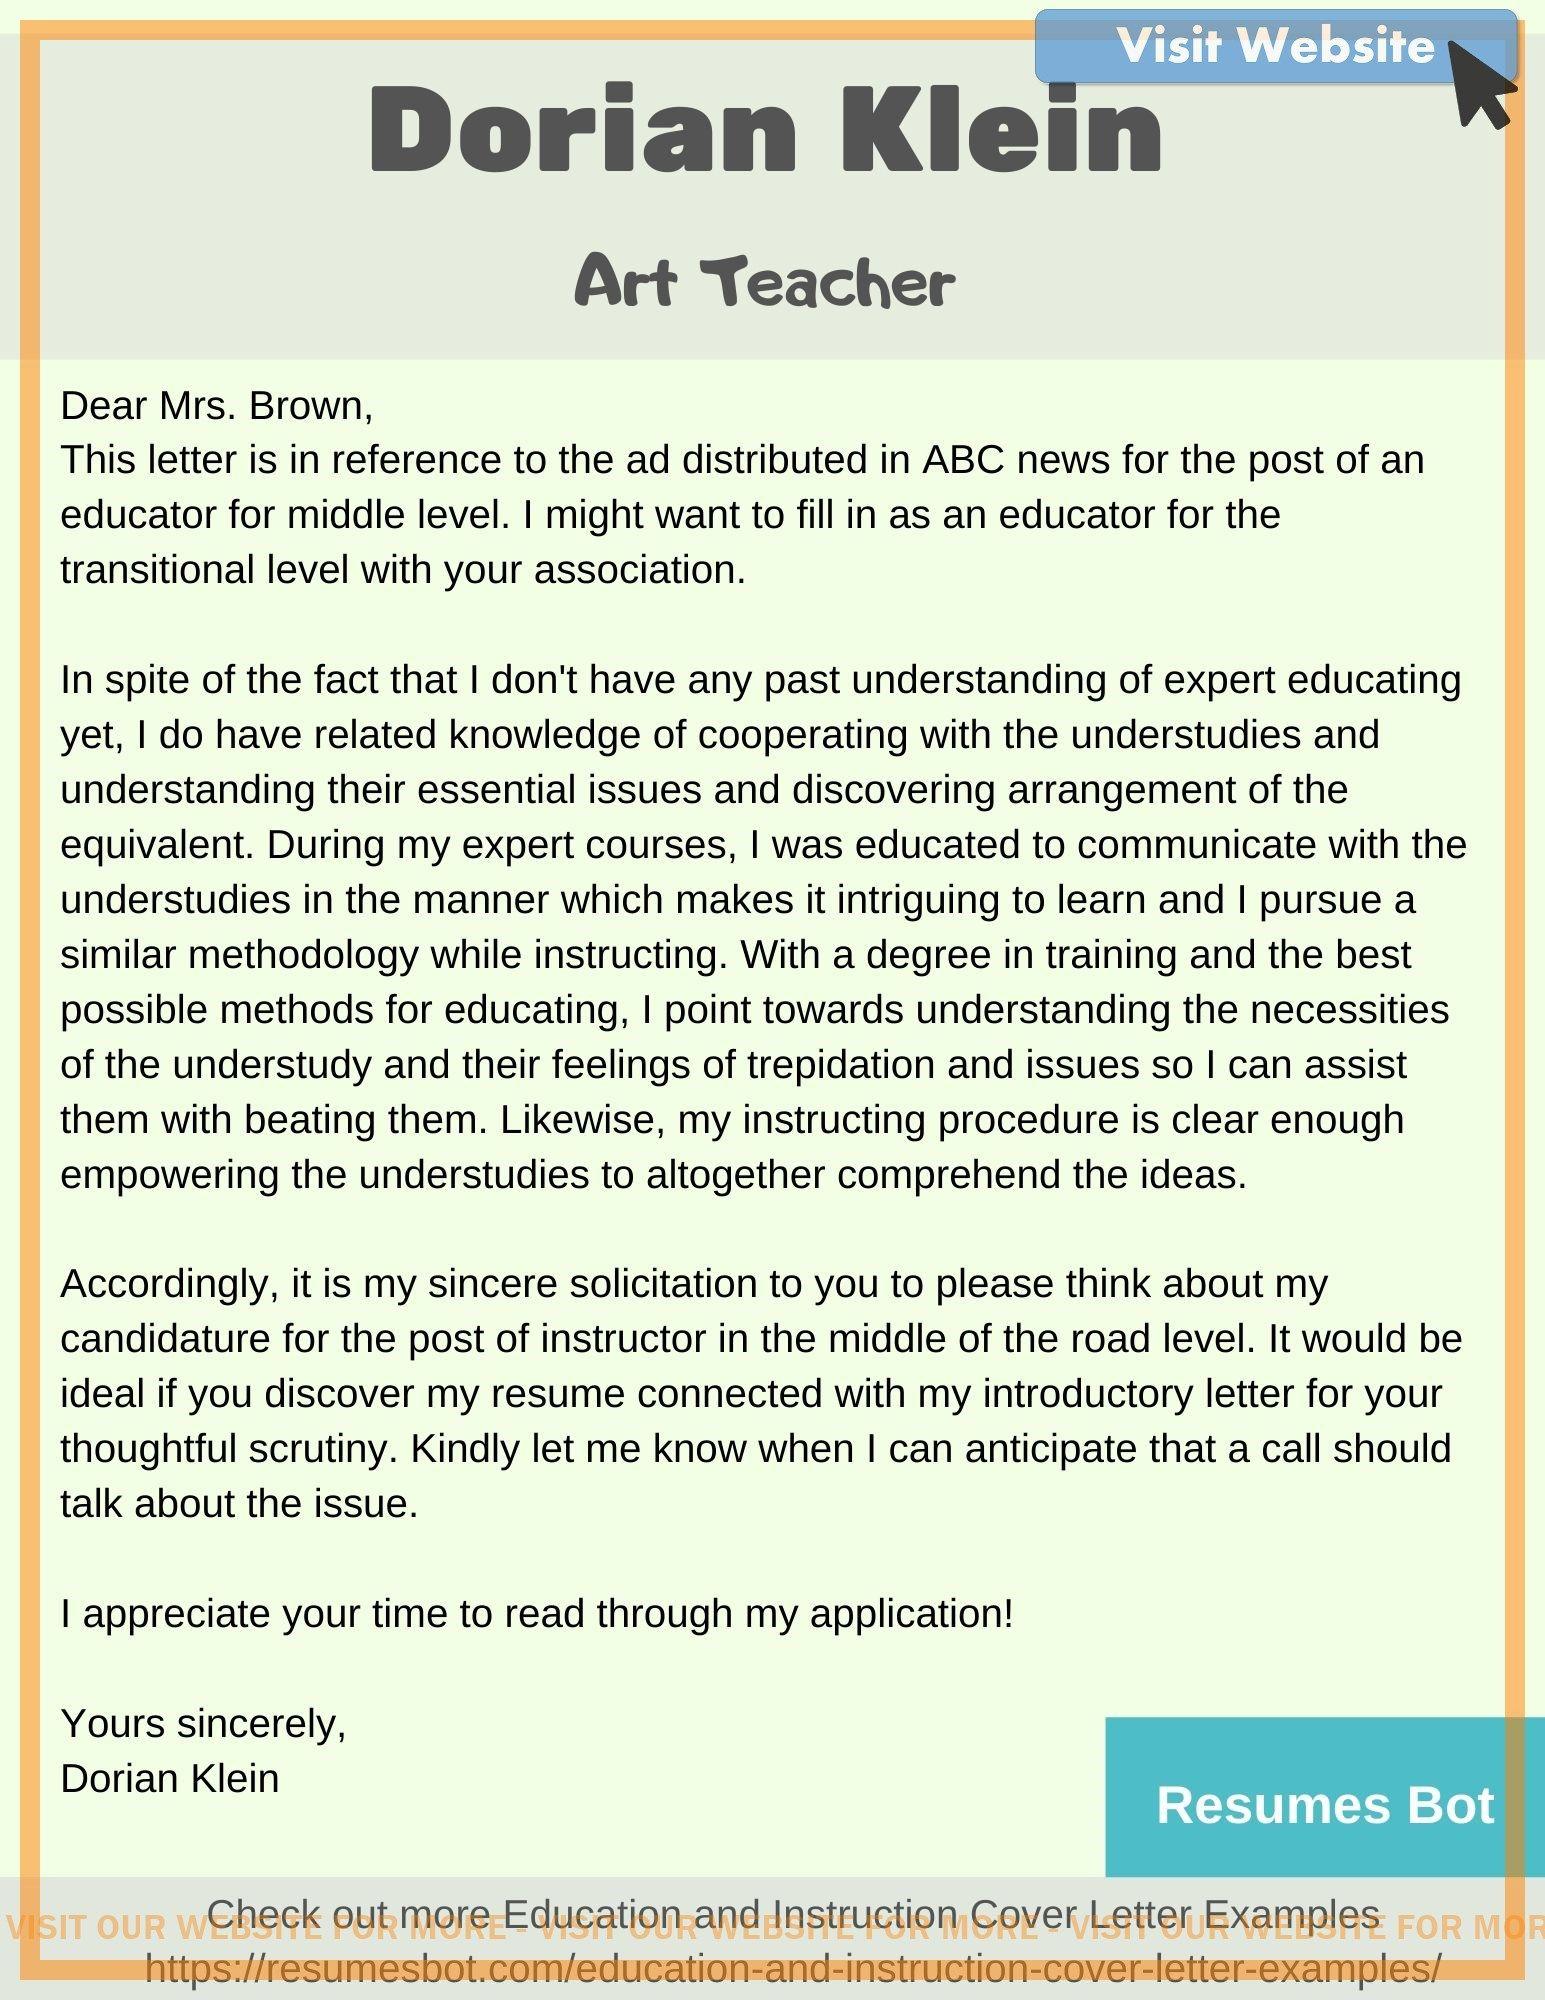 cover letter for school teacher application in 2020